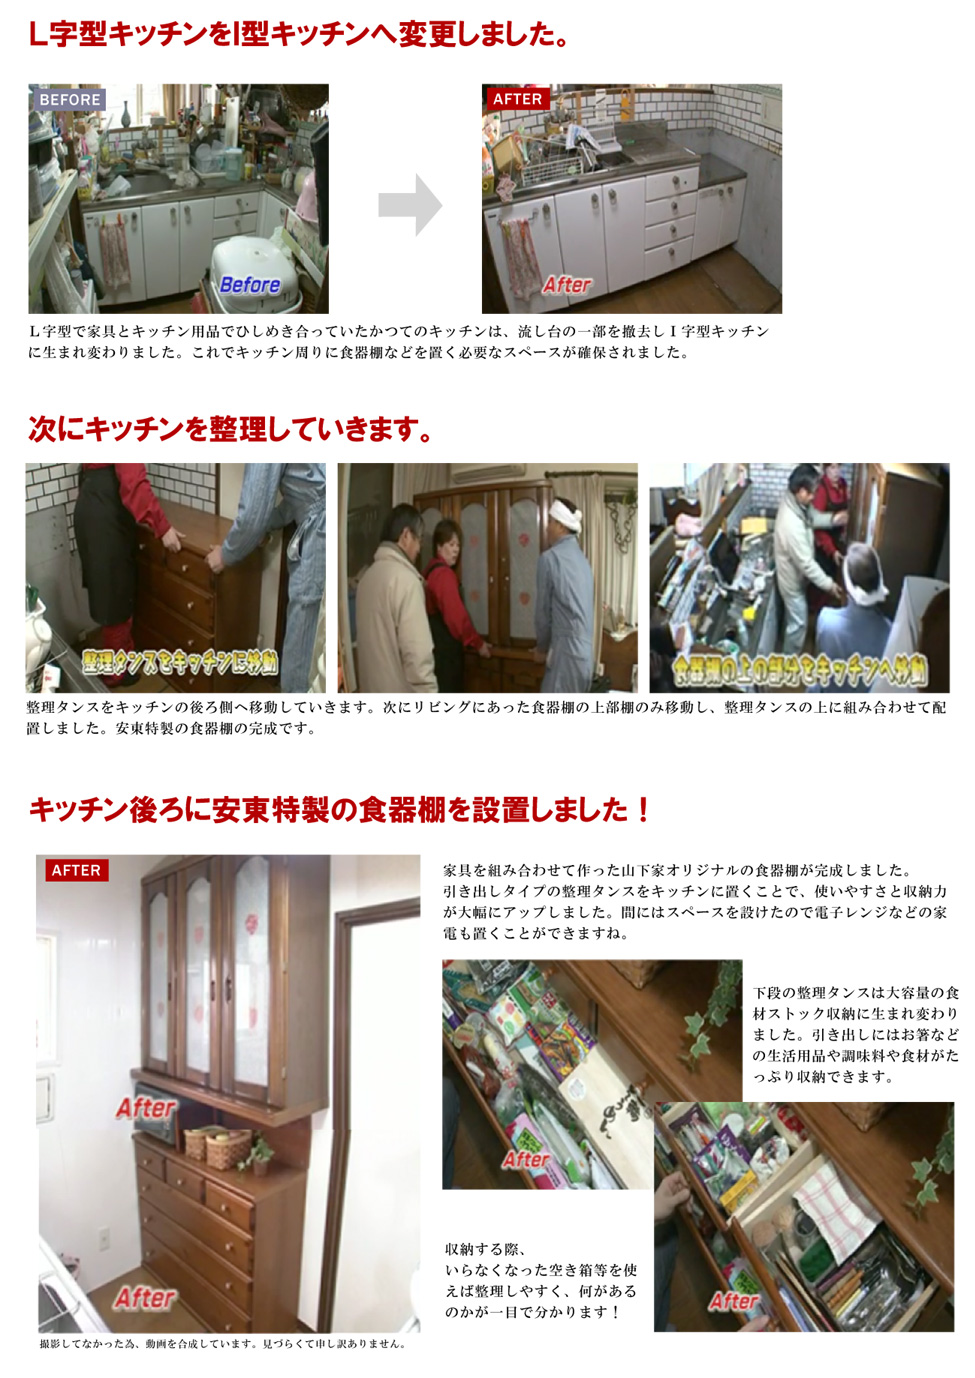 L字型キッチンをI型キッチンへ変更しました。L字型で家具とキッチン用品でひしめき合っていたかつてのキッチンは、流し台の一部を撤去しI字型キッチンに生まれ変わりました。これでキッチン周りに食器棚などを置く必要なスペースが確保されました。次にキッチンを整理していきます。整理タンスをキッチンの後ろ側へ移動していきます。次にリビングにあった食器棚の上部棚のみ移動し、整理タンスの上に組み合わせて配置しました。安東特製の食器棚の完成です。キッチン後ろに安東特製の食器棚を設置しました!家具を組み合わせて作った山下家オリジナルの食器棚が完成しました。引き出しタイプの整理タンスをキッチンに置くことで、使いやすさと収納力が大幅にアップしました。間にはスペースを設けたので電子レンジなどの家電も置くことができますね。下段の整理タンスは大容量の食材ストック収納に生まれ変わりました。引き出しにはお箸などの生活用品や調味料や食材がたっぷり収納できます。収納する際、いらなくなった空き箱等を使えば整理しやすく、何があるのかが一目で分かります!